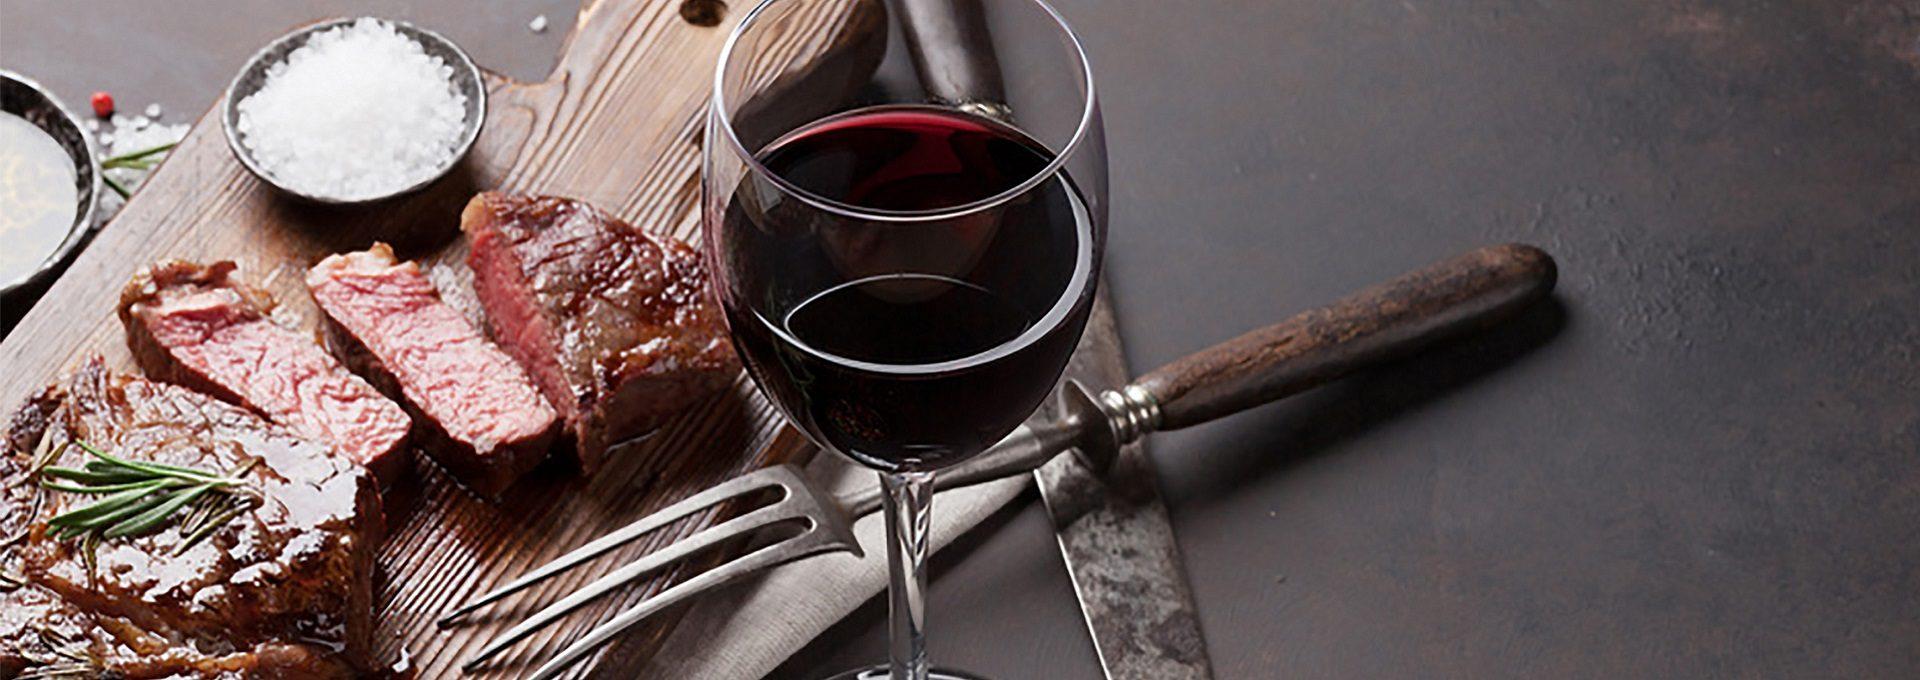 Detailaufnahme Steak, Rotweinglas